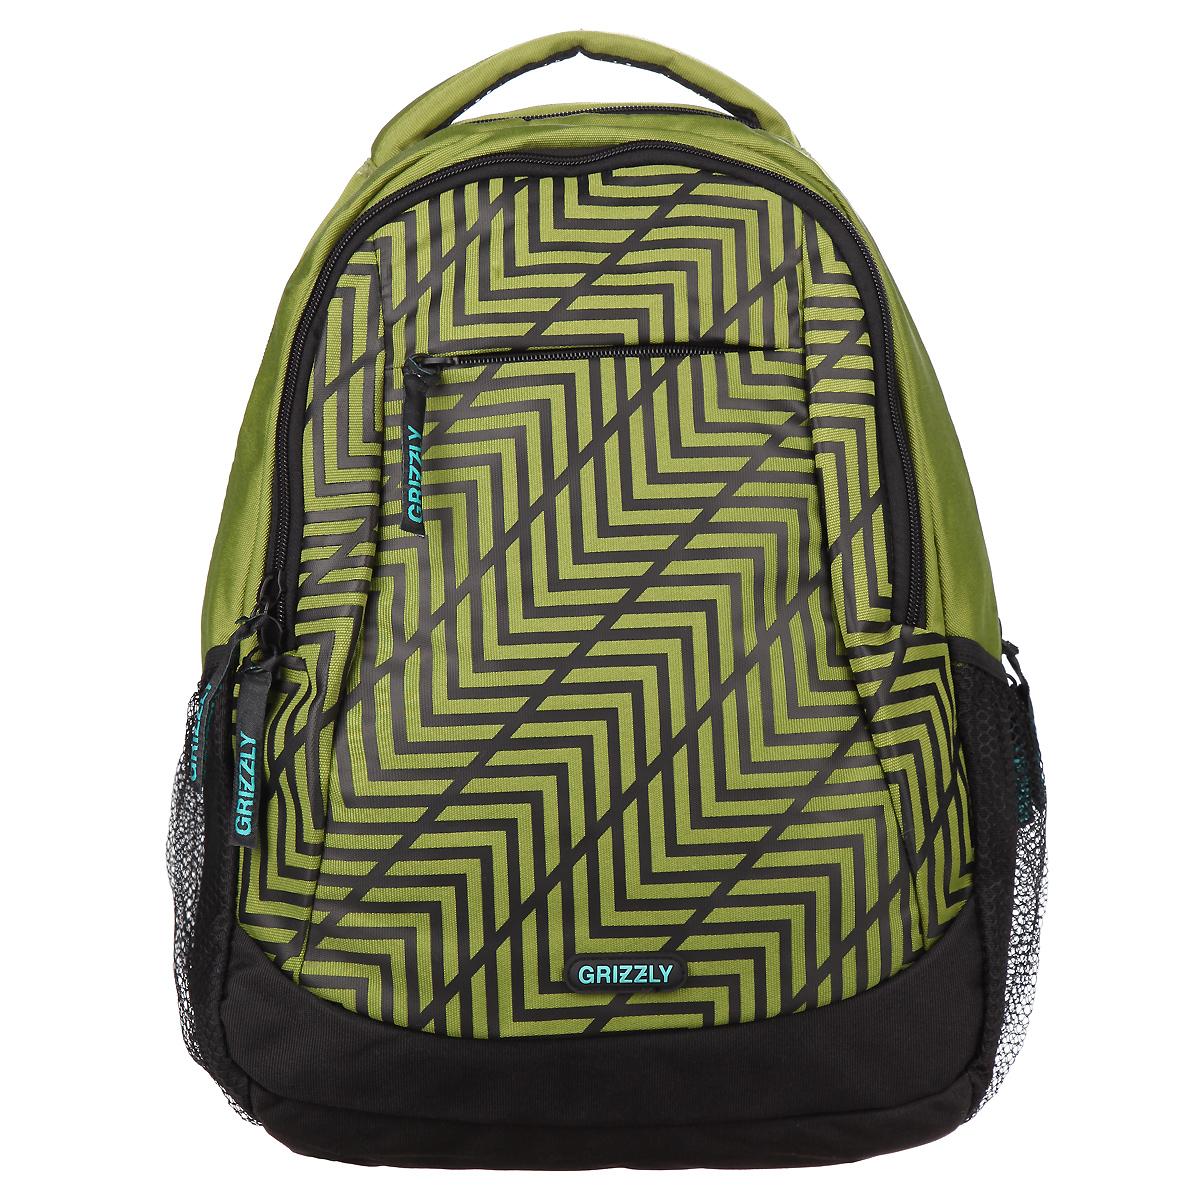 Рюкзак городской Grizzly, цвет: оливковый, черный. RU-601-2